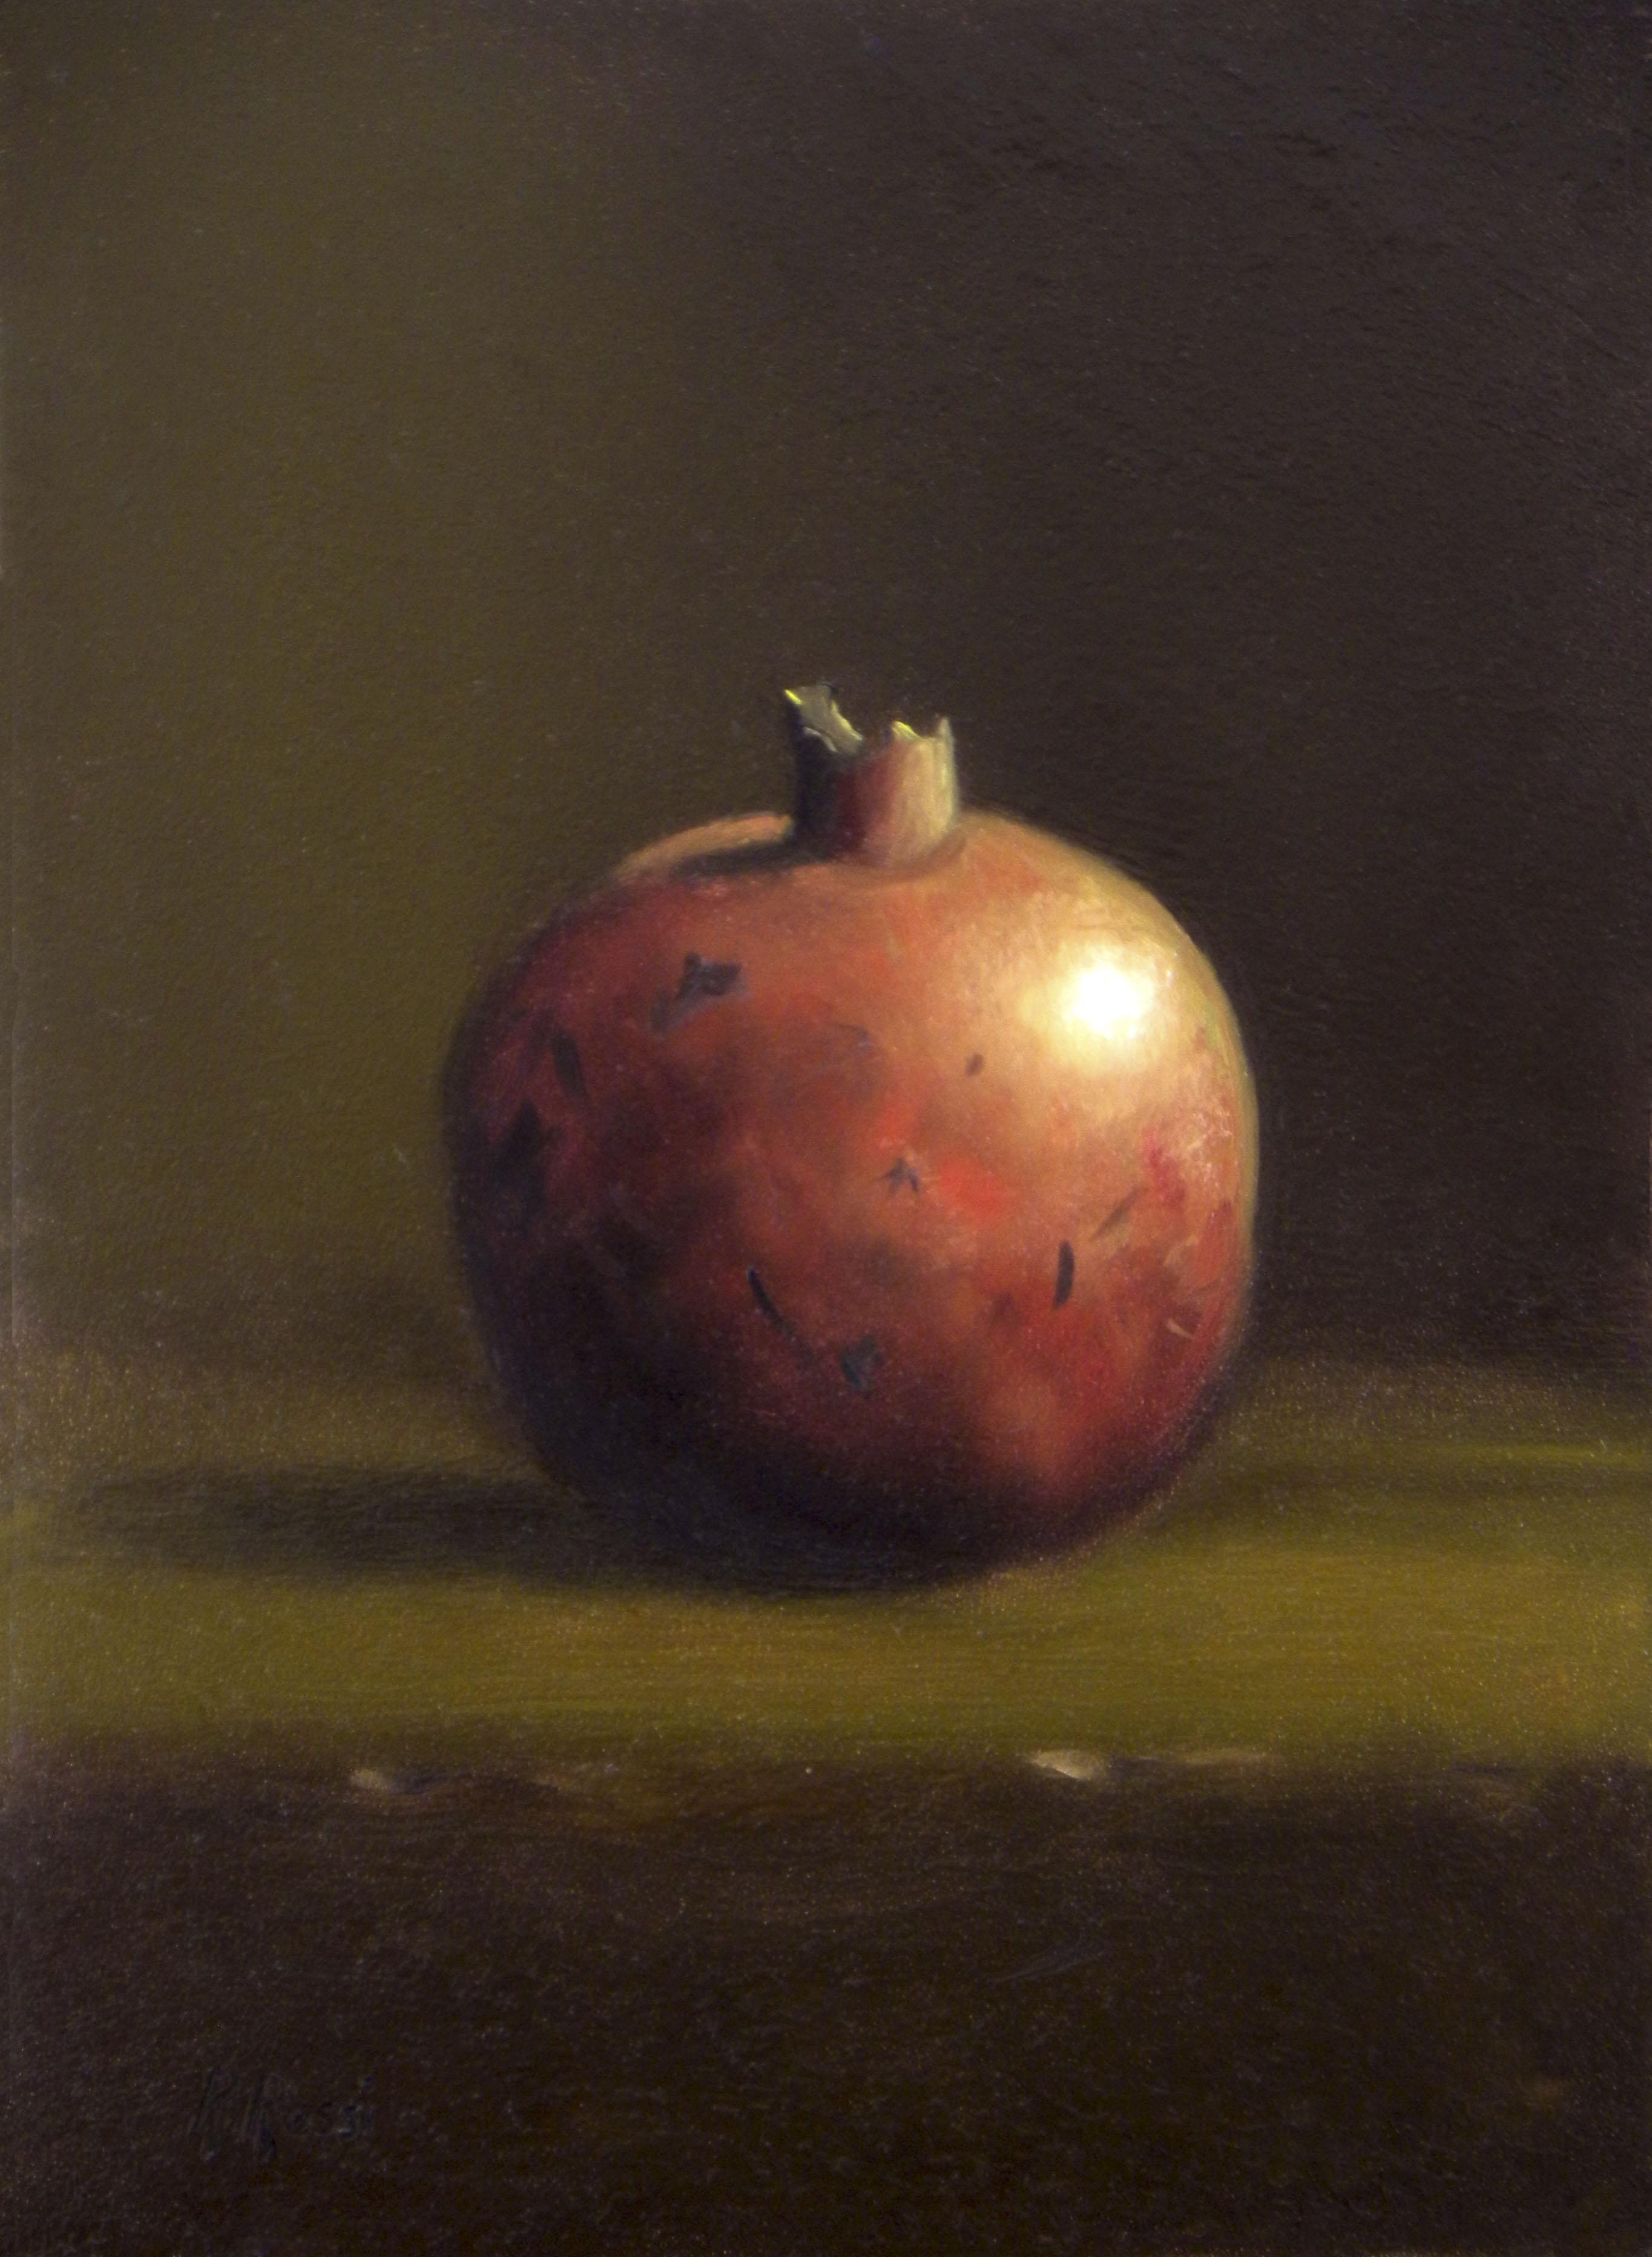 2015 roberta rossi - il frutto dell'abbondanza - olio su tavola - 18 x 13